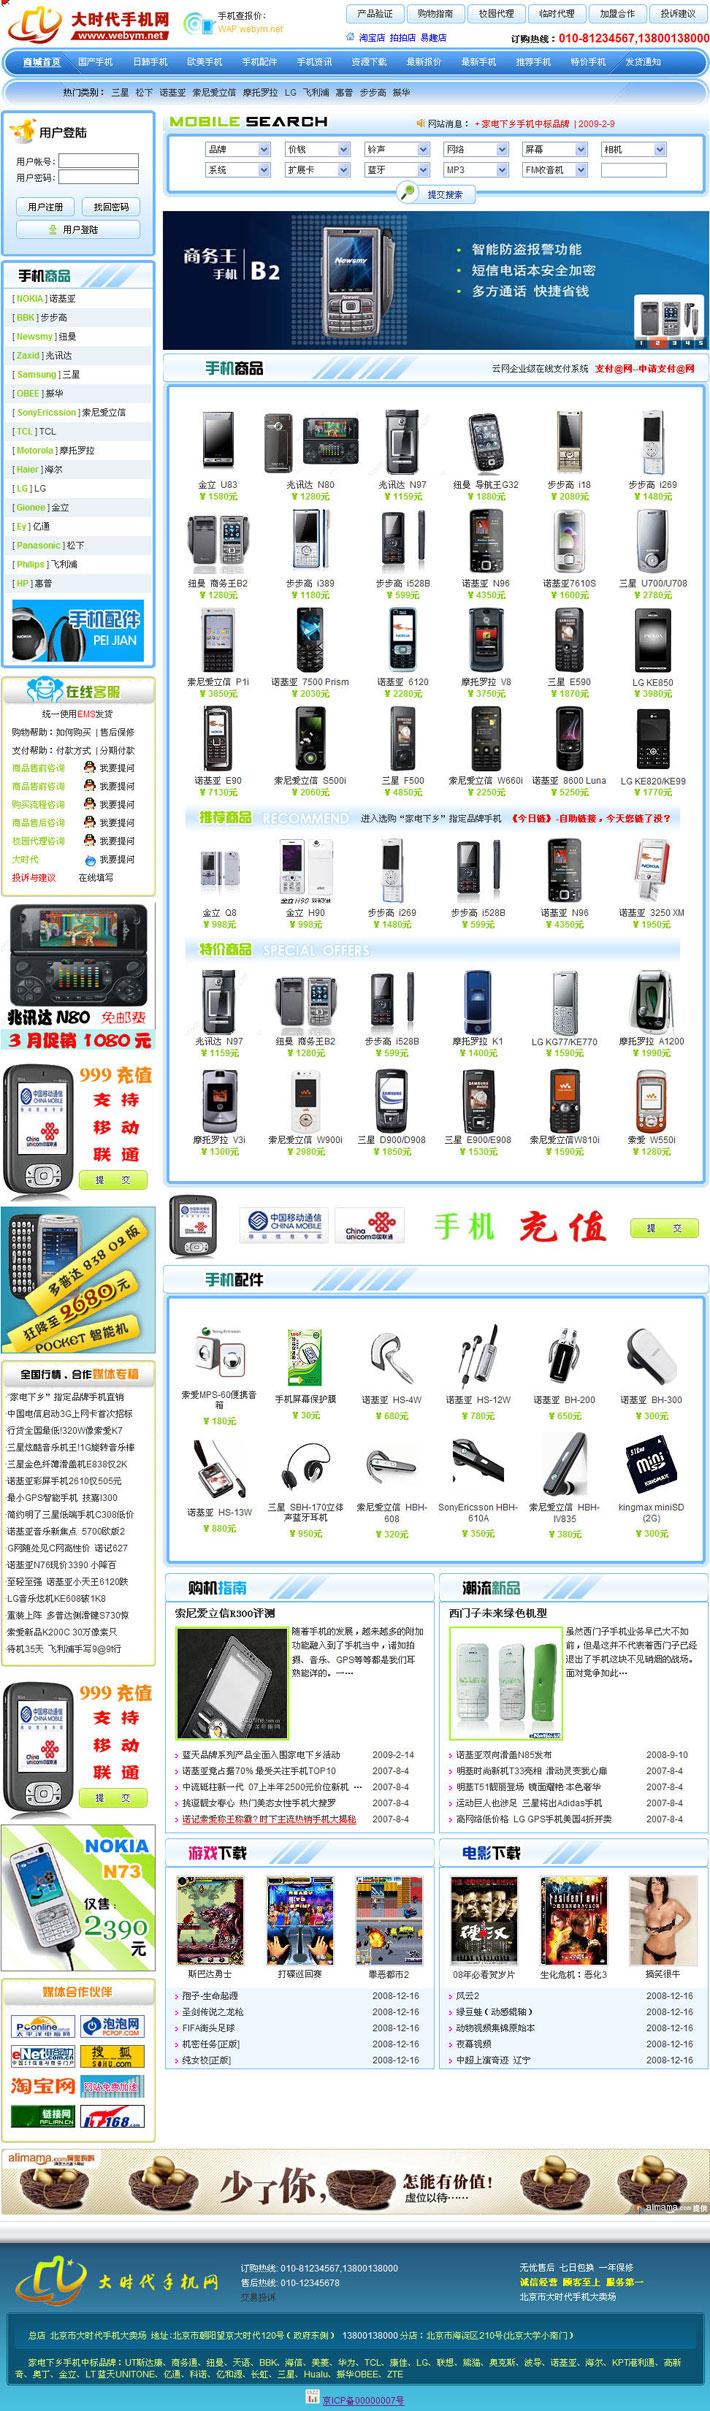 手机专营店网站系统首页